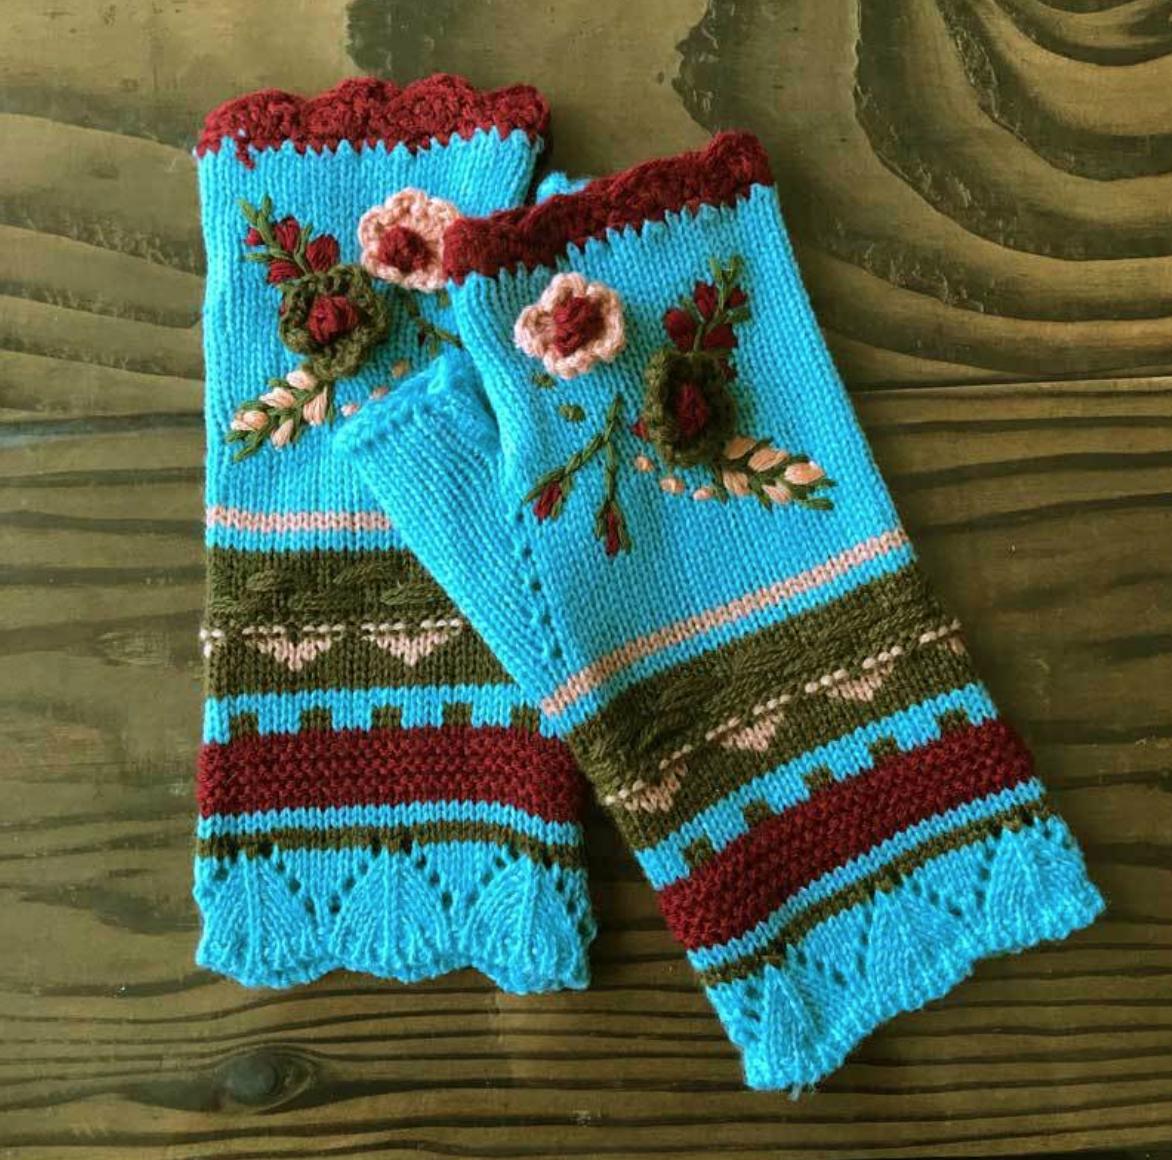 Flower Crocheted Handwarmer